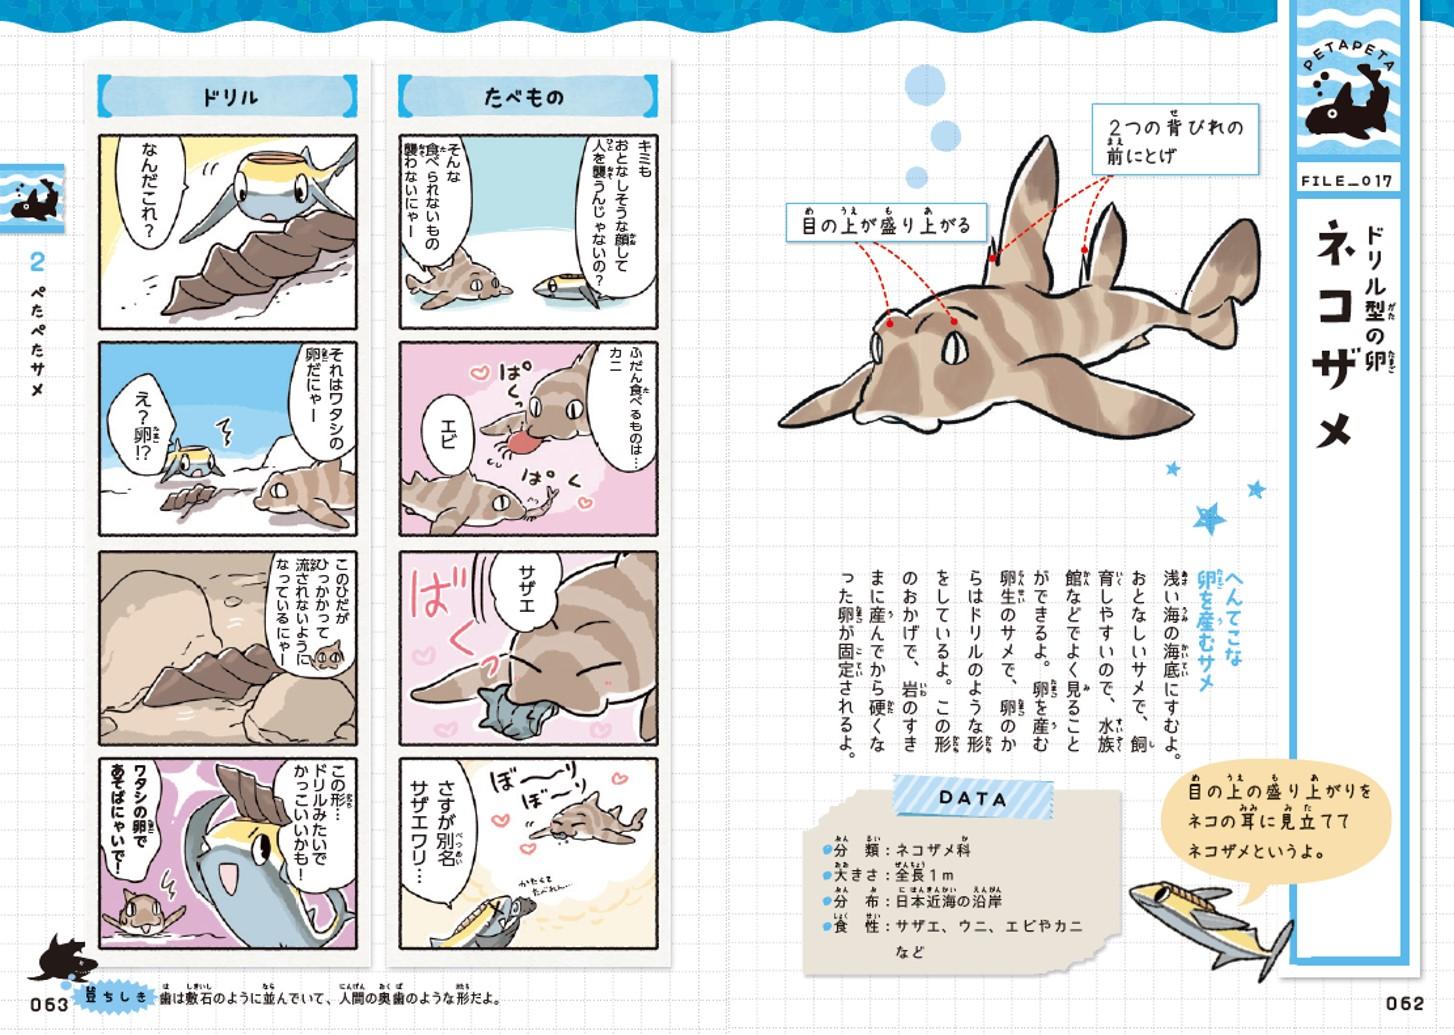 「海底にあるドリルのような物体の正体は」本誌紙面